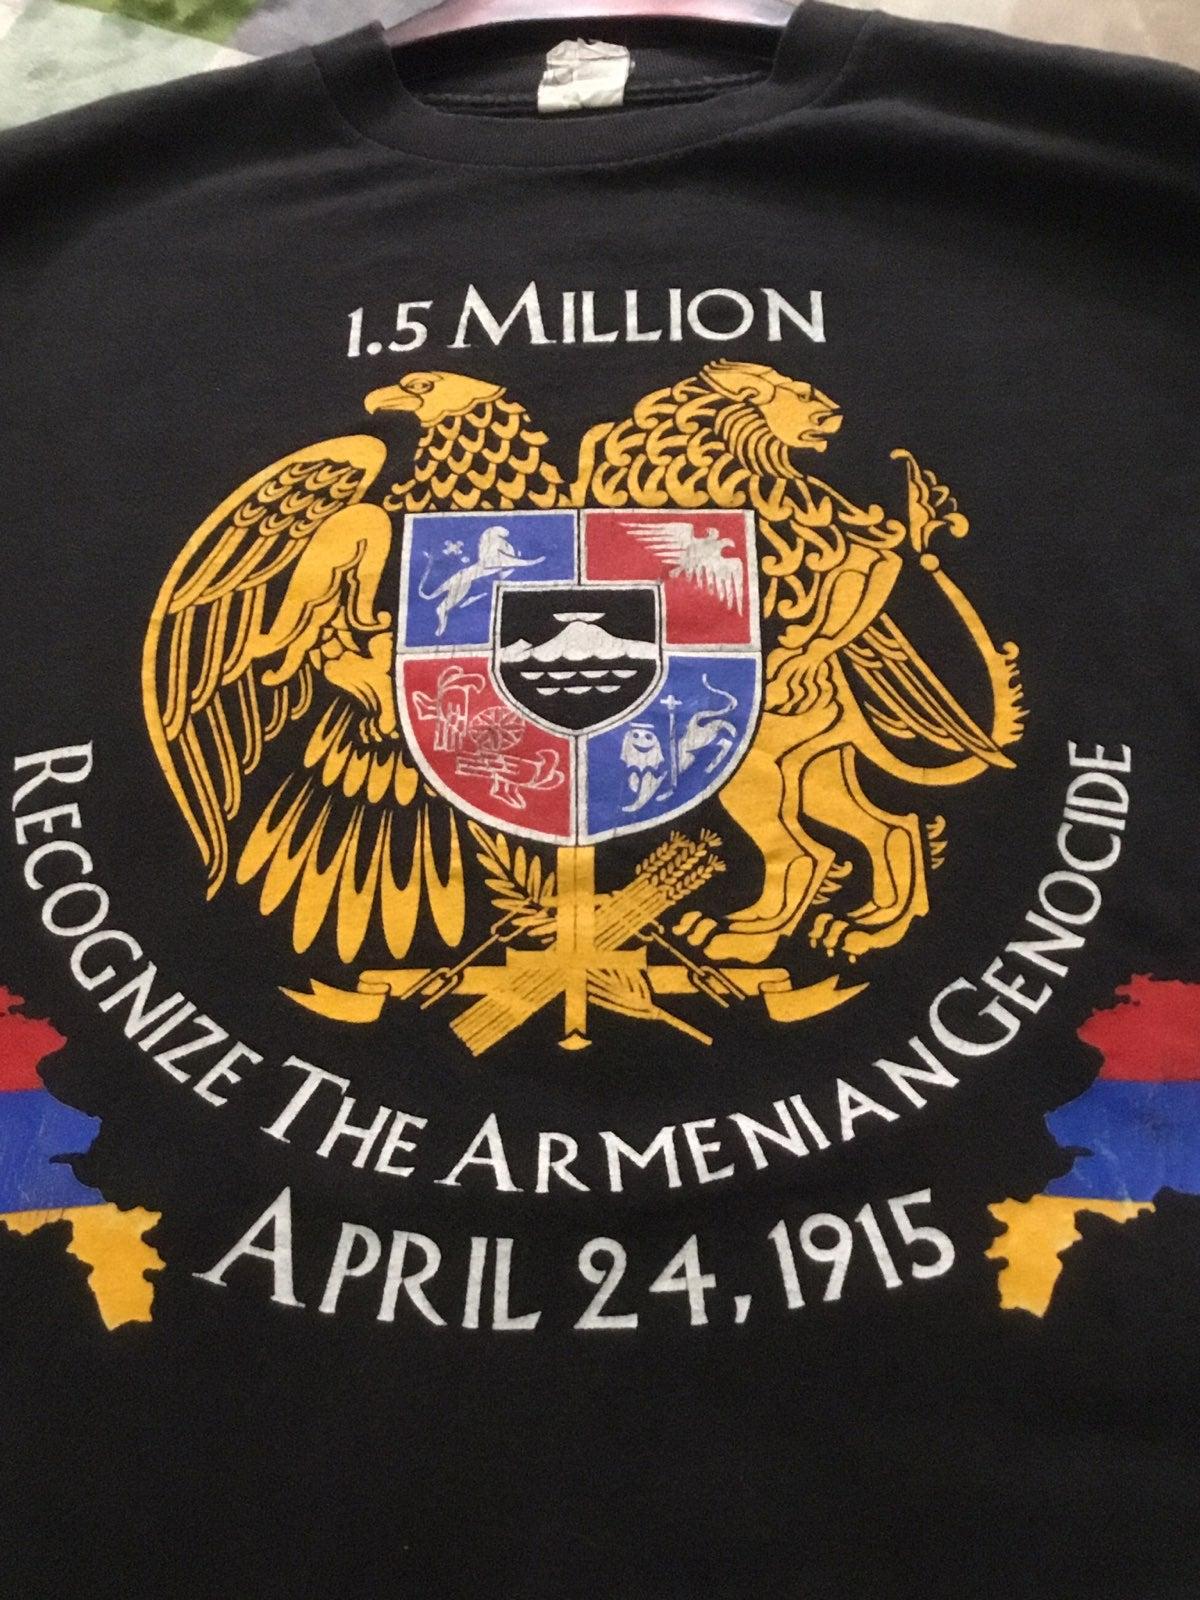 Armenian genocide awareness tshirt